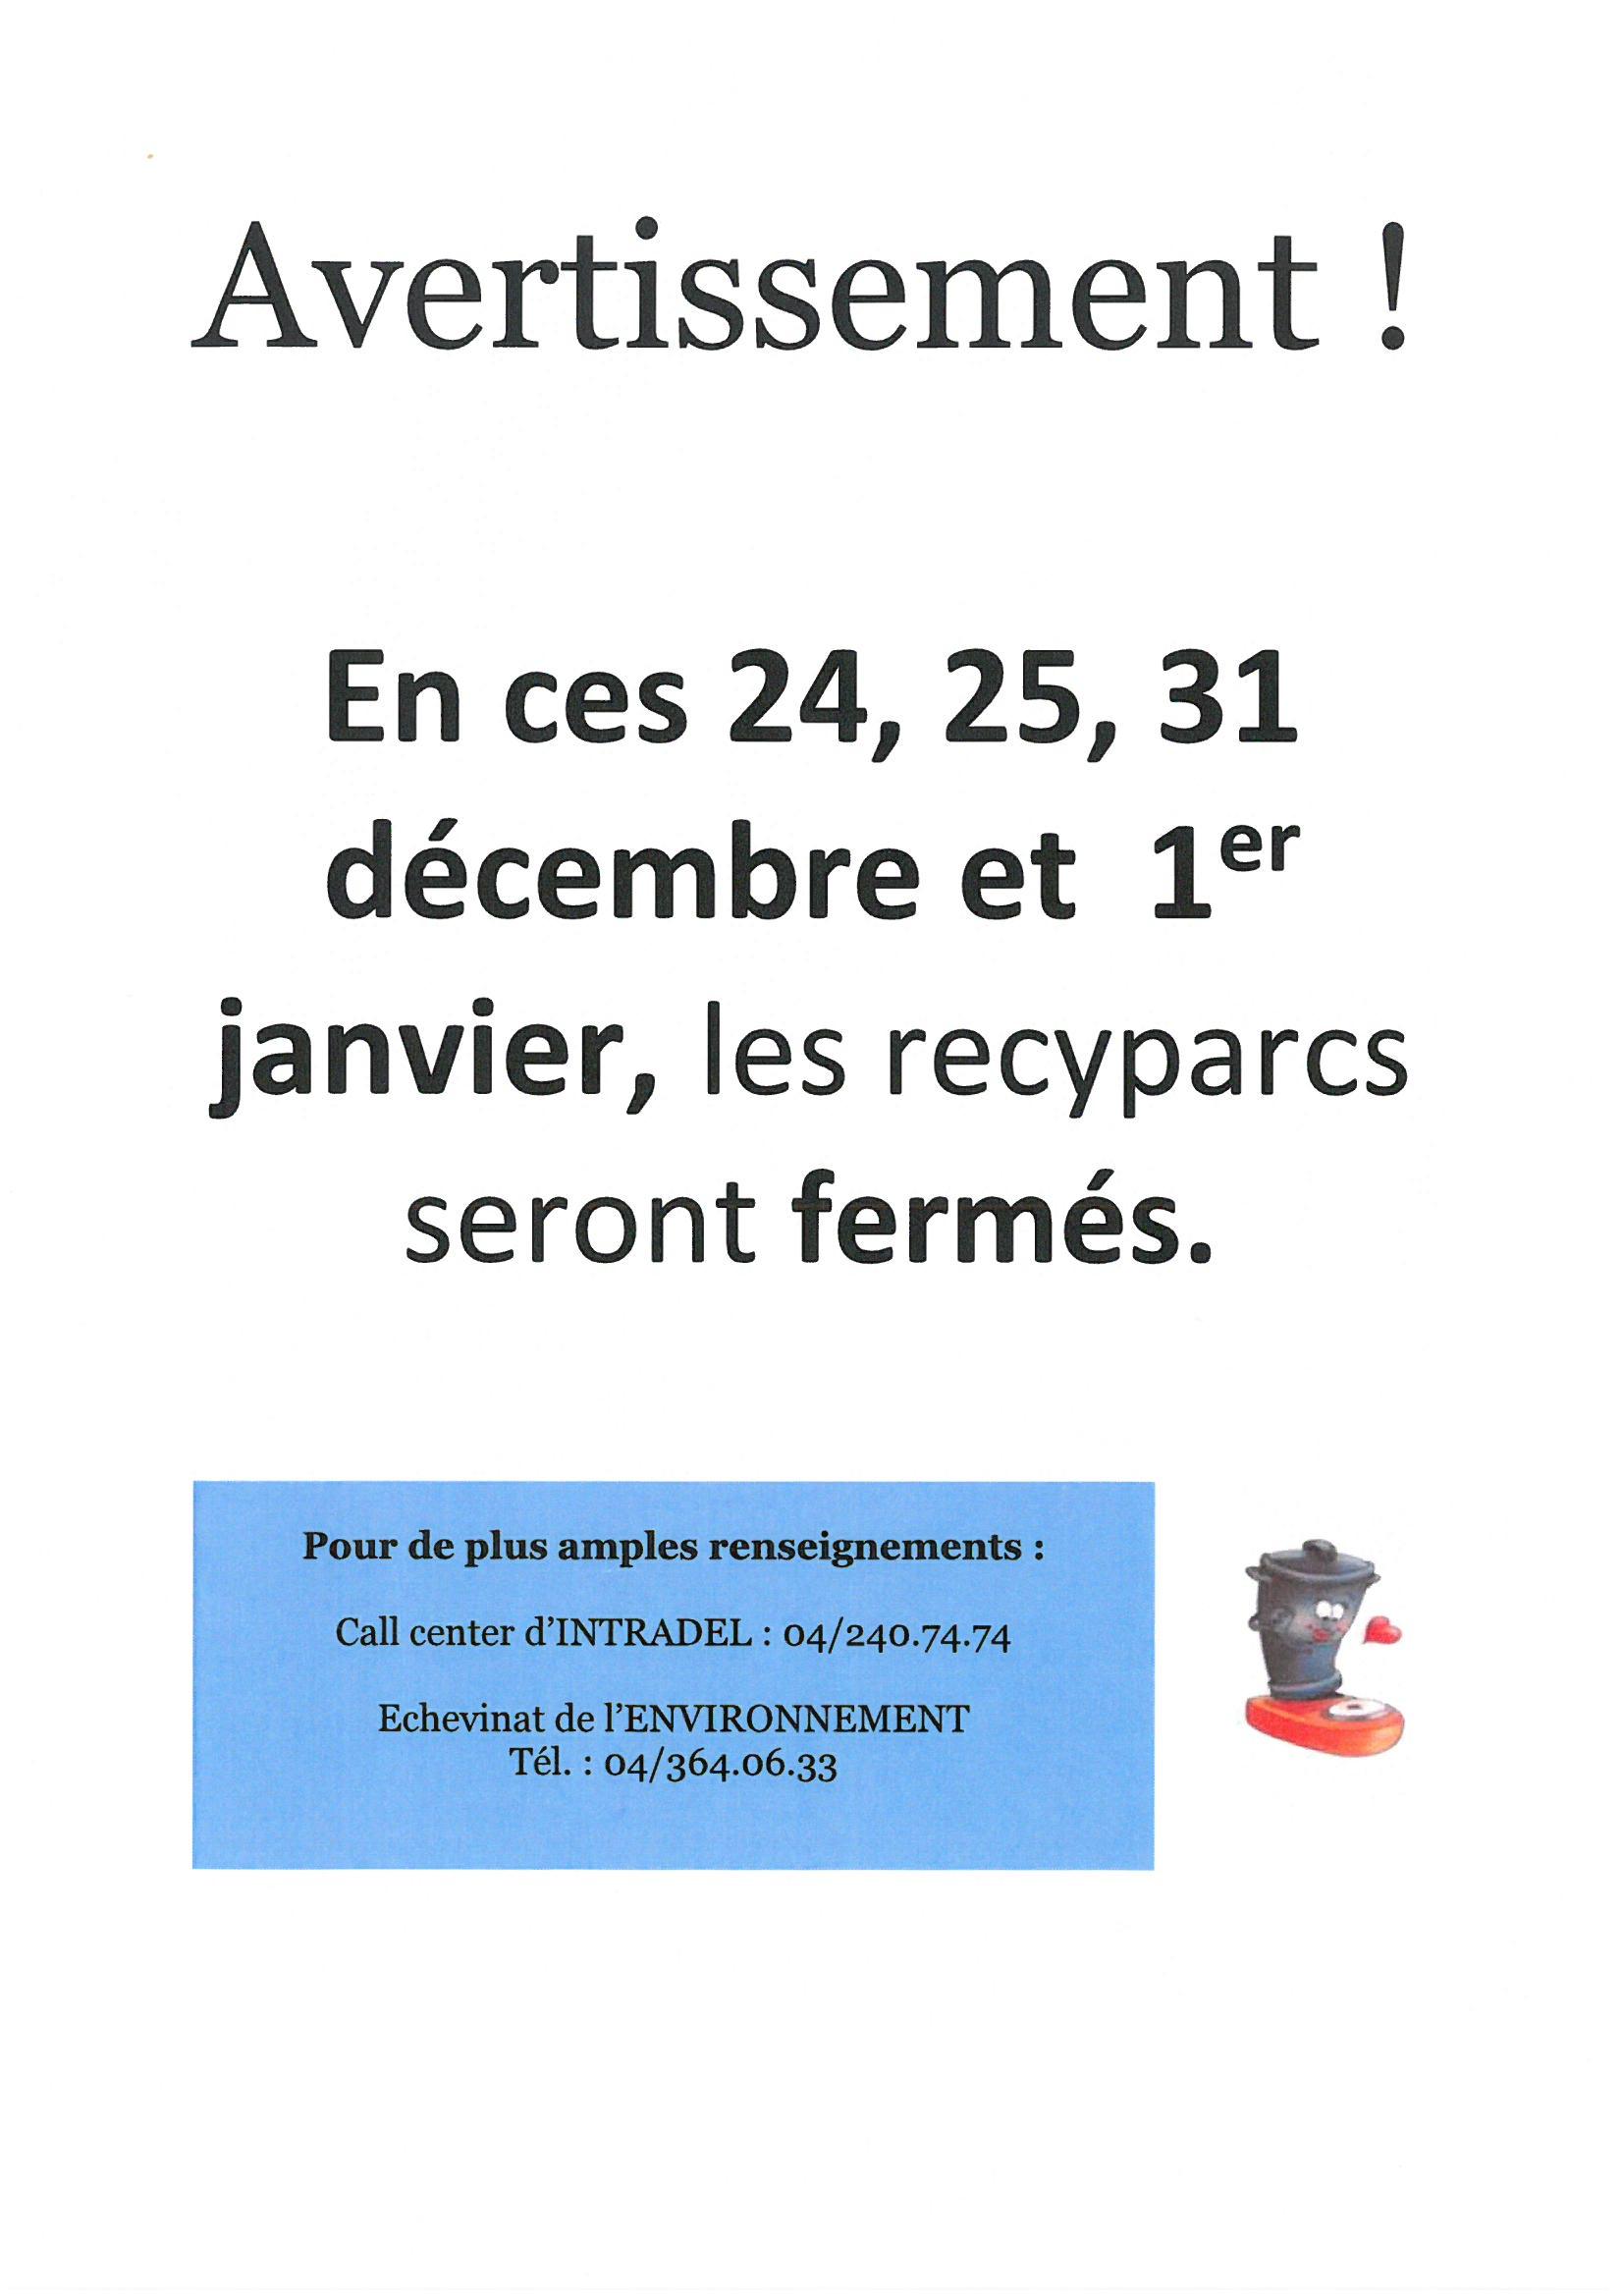 Fermeture des recyparcs durant les fêtes